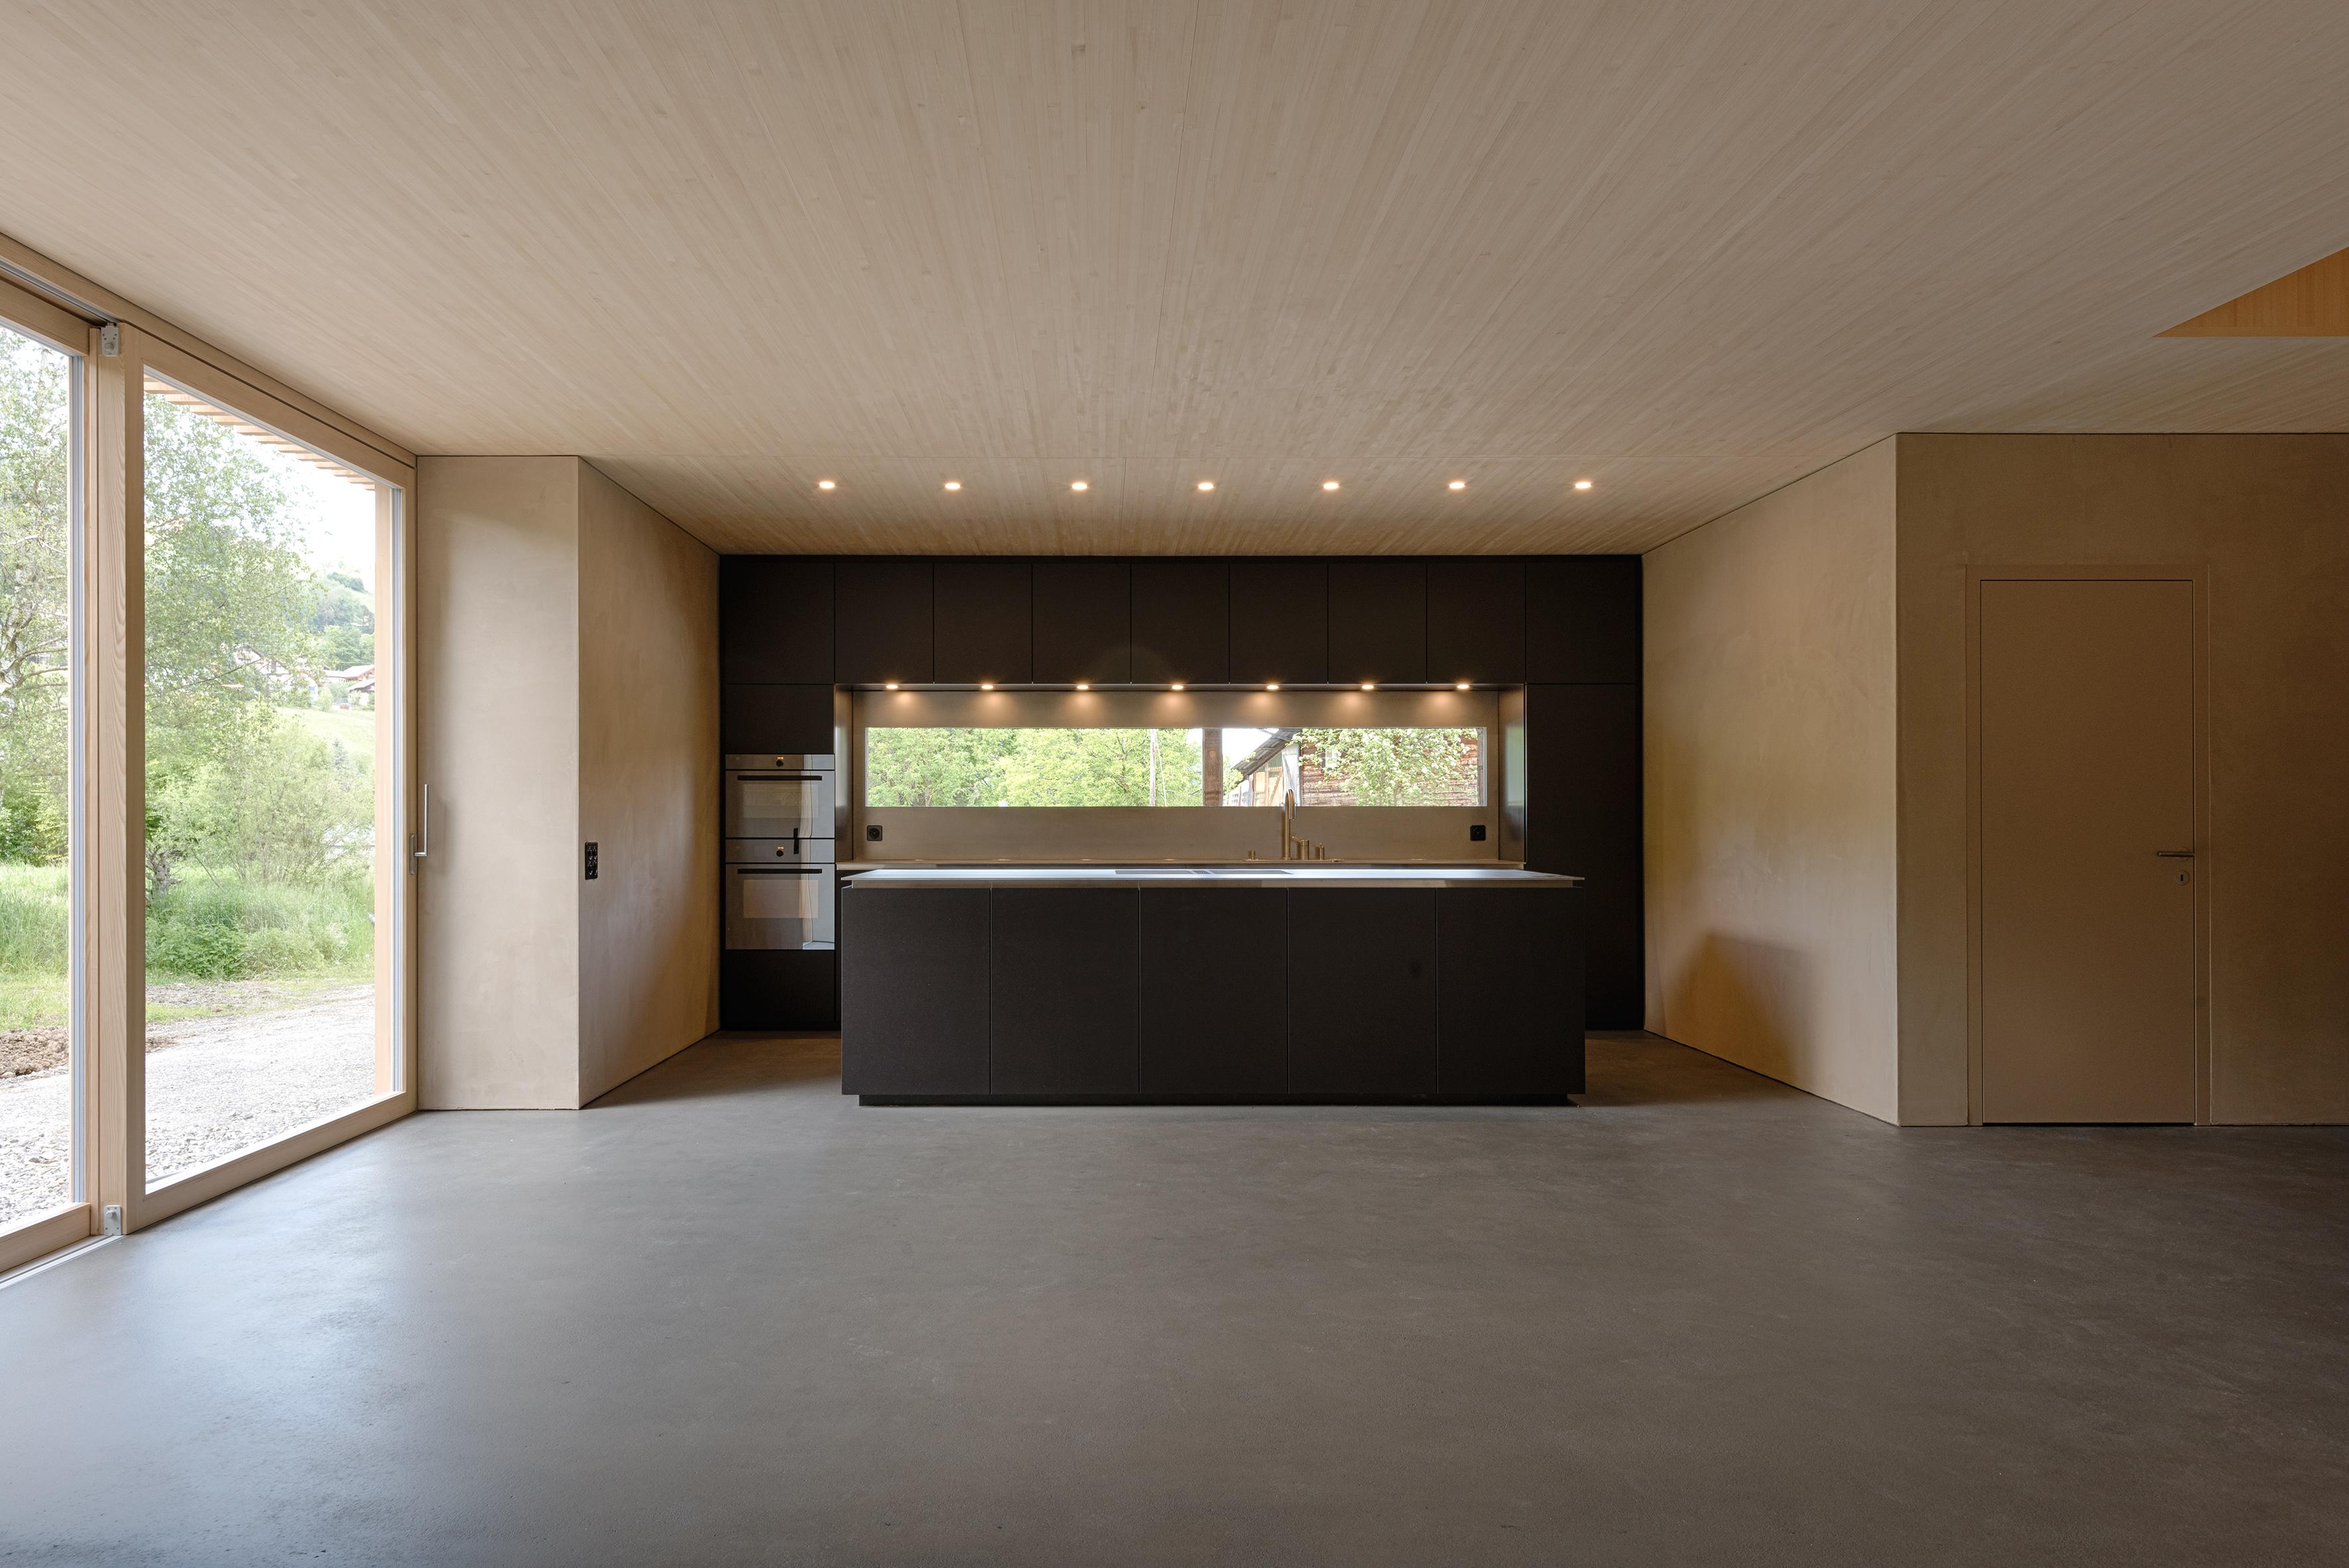 Fein Großküche Design Sonnenschein Küste Bilder - Küche Set Ideen ...